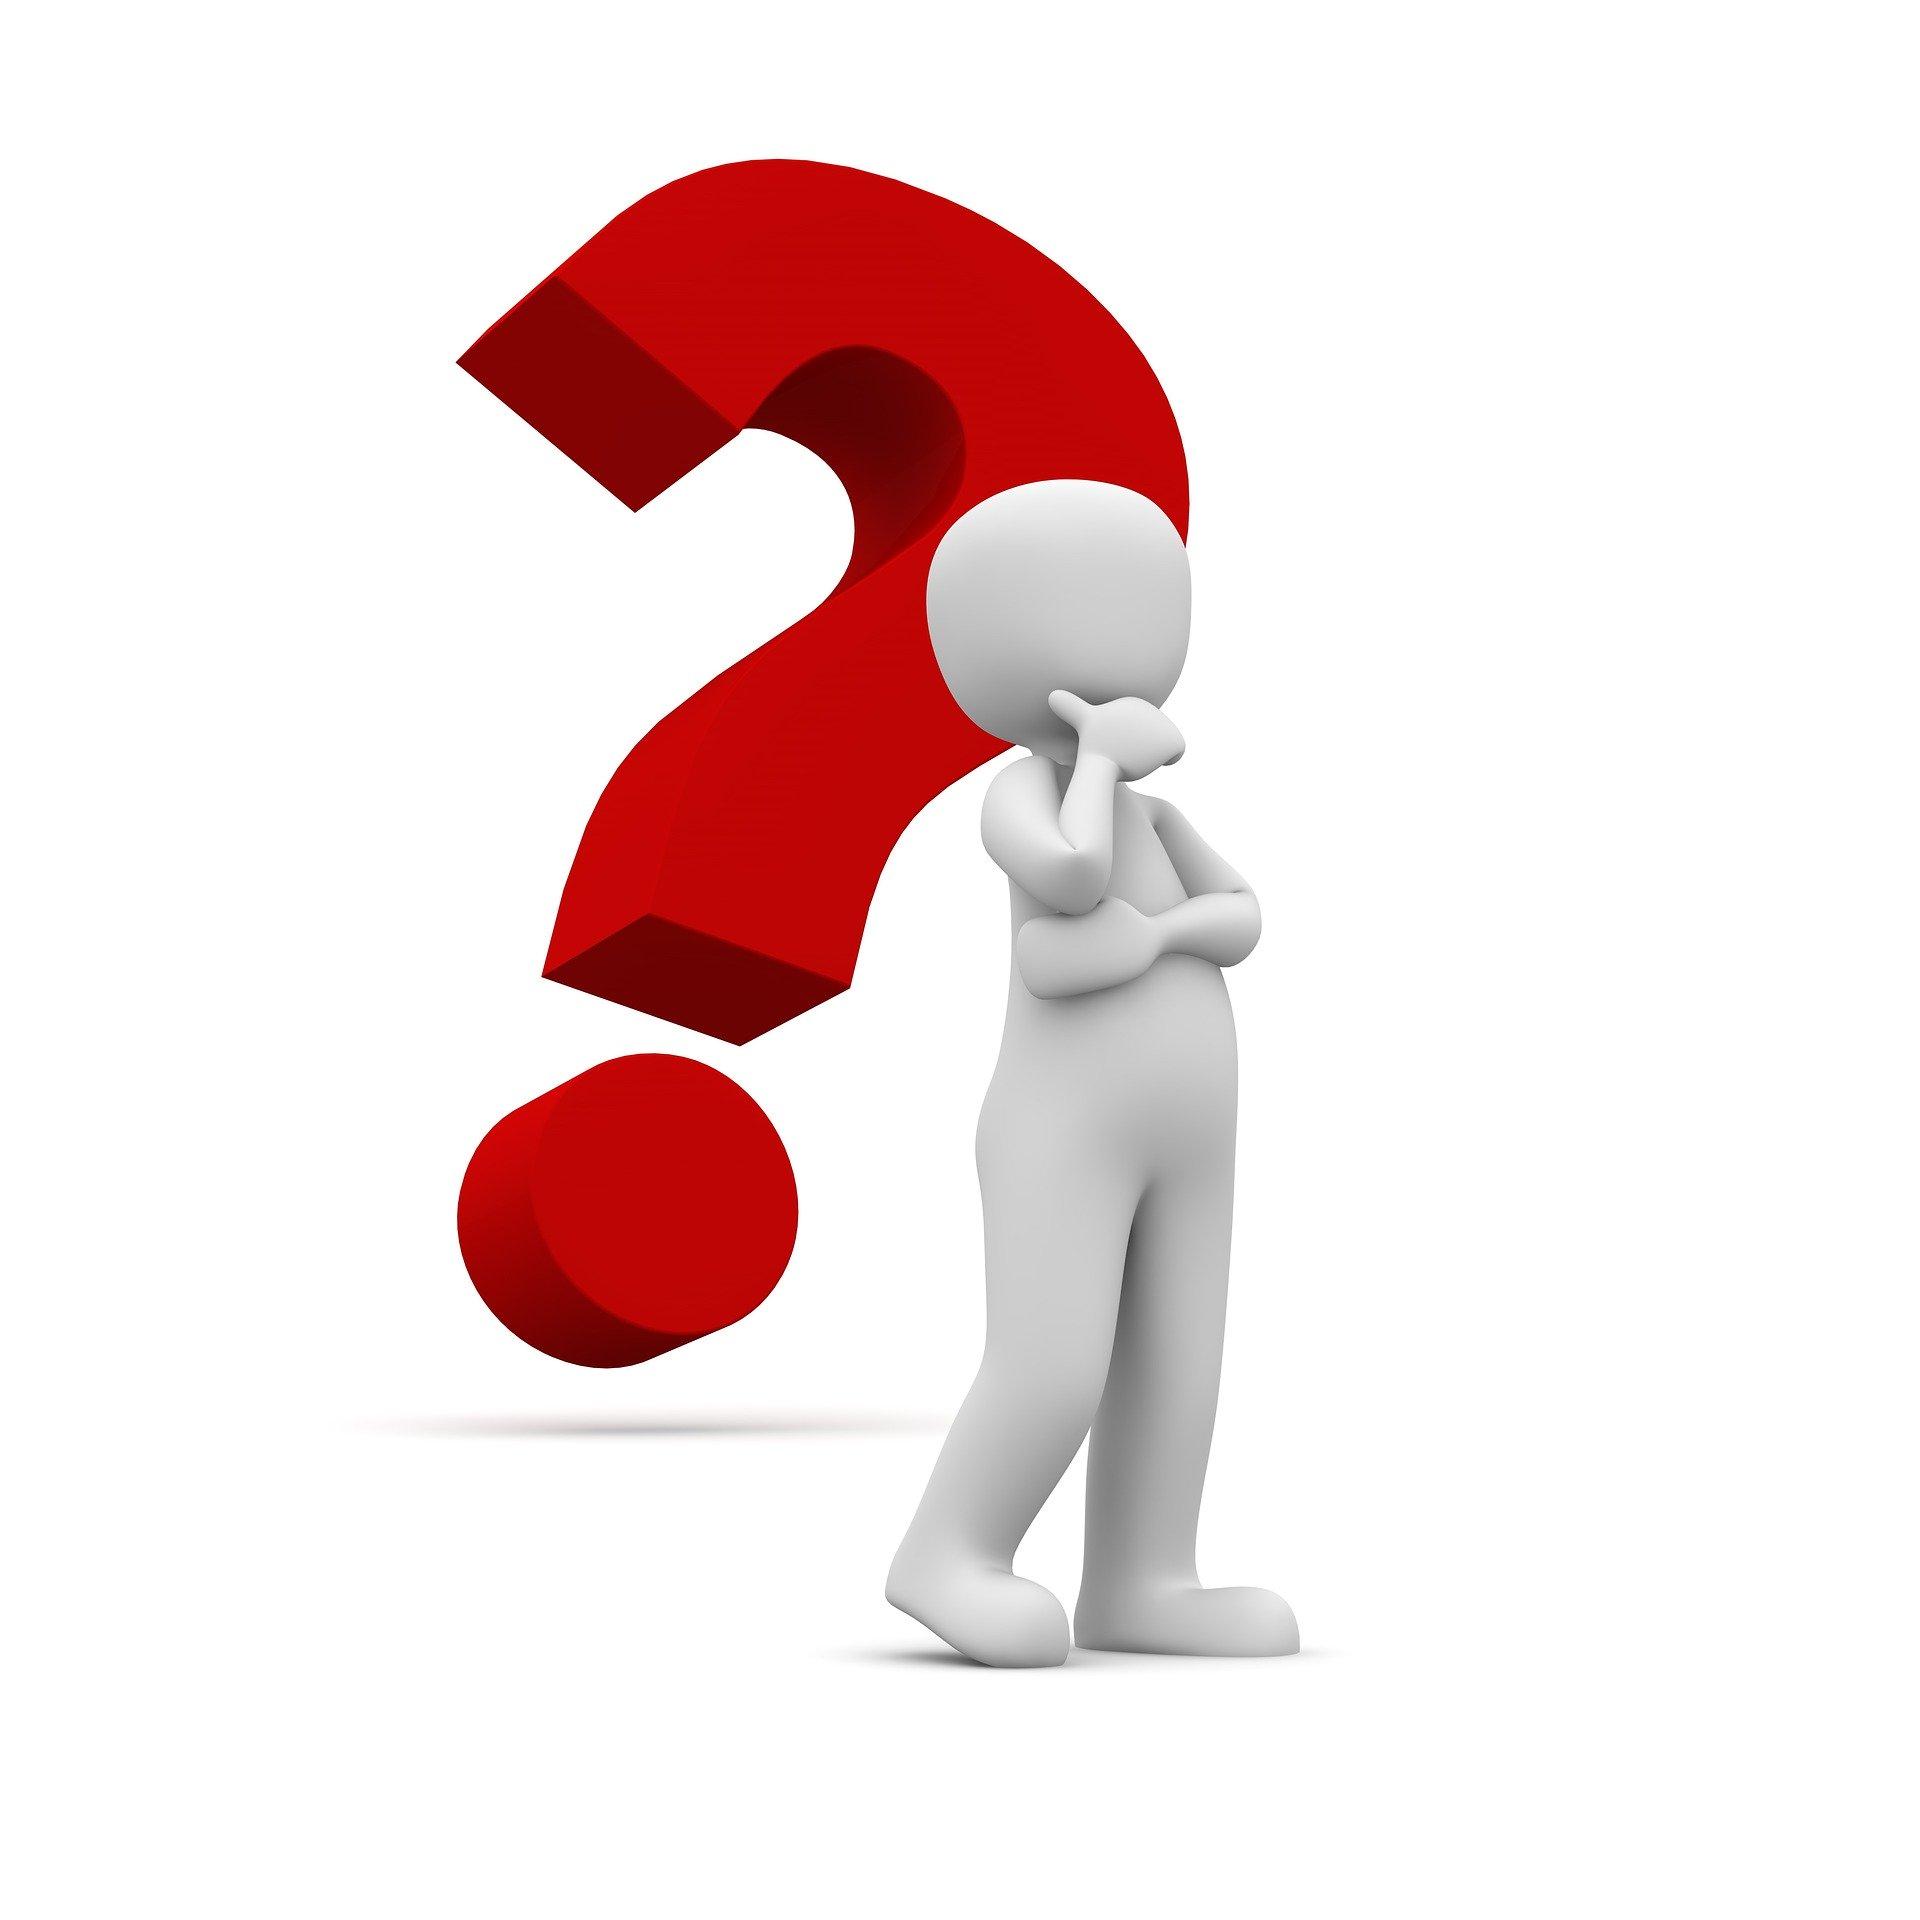 Чи може директор бути головою тендерного комітету або уповноваженою особою?